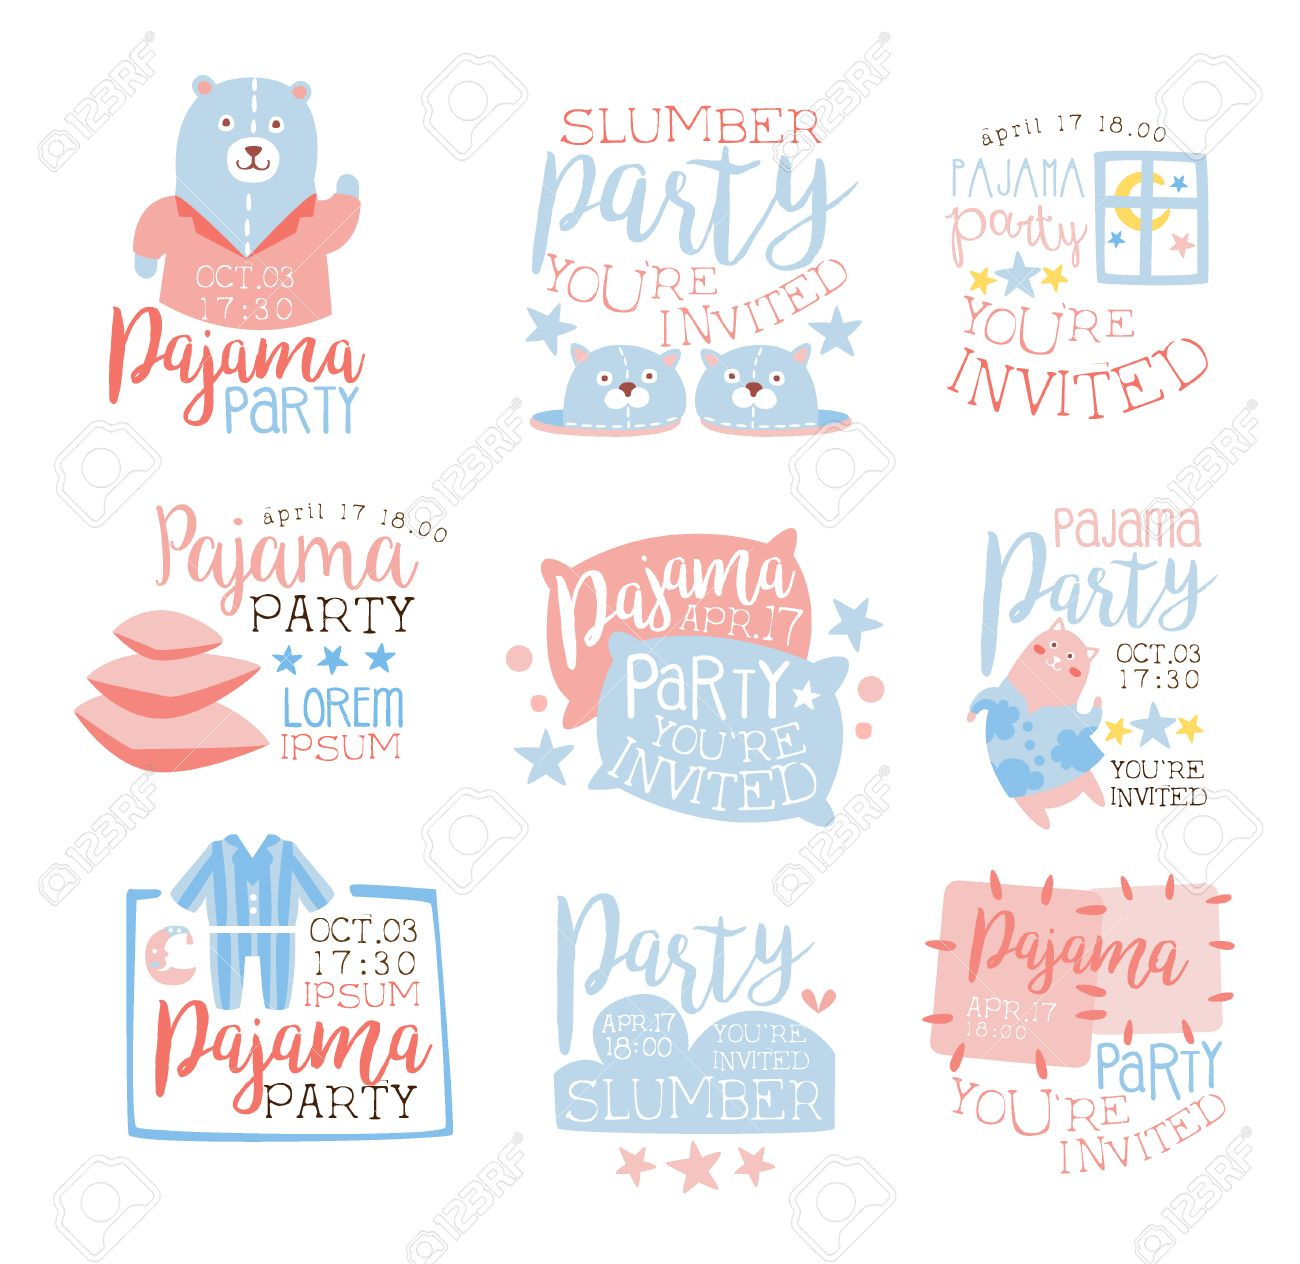 72d09f3591 Rosa Y Fiesta De Pijama Femenino Azul Plantillas De Invitación Conjunto  Acogedor Para Los Niños El Pijamas Pijama De Noche Del Sleepover Tarjetas.